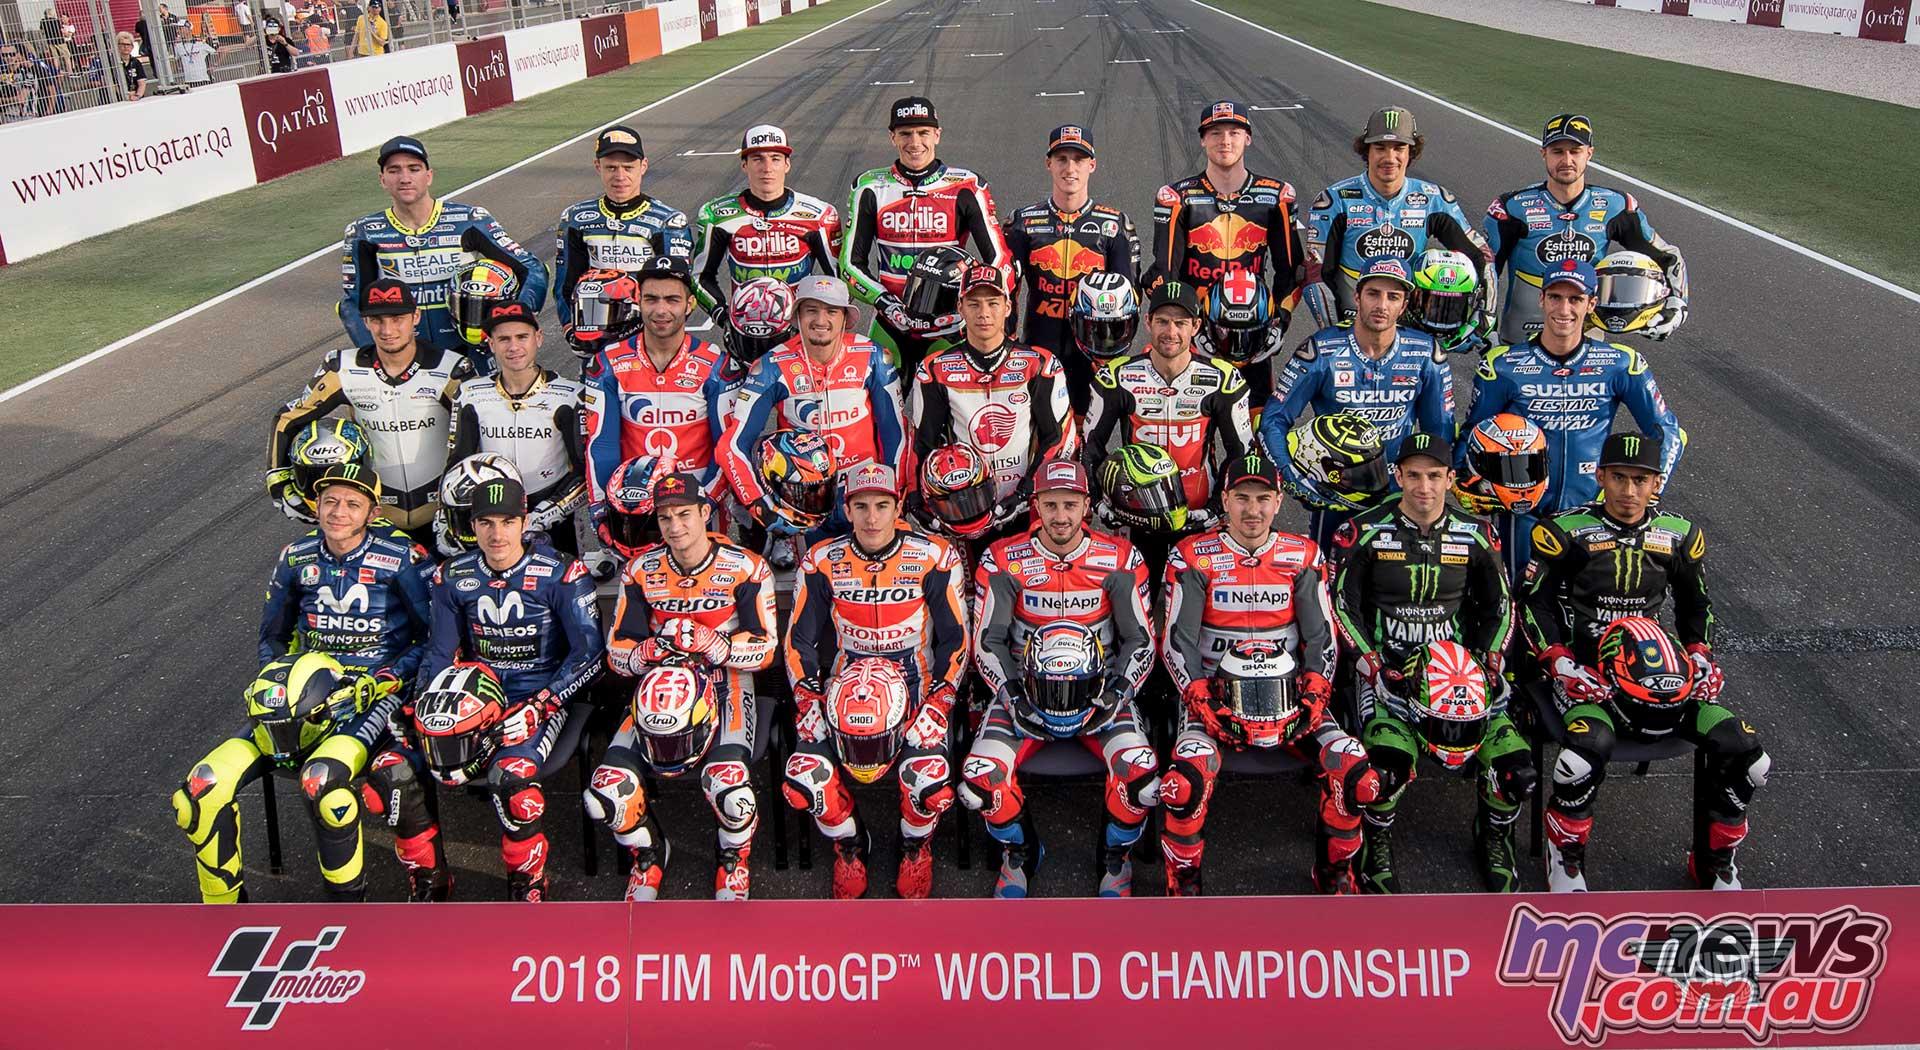 Live Race Motogp | MotoGP 2017 Info, Video, Points Table